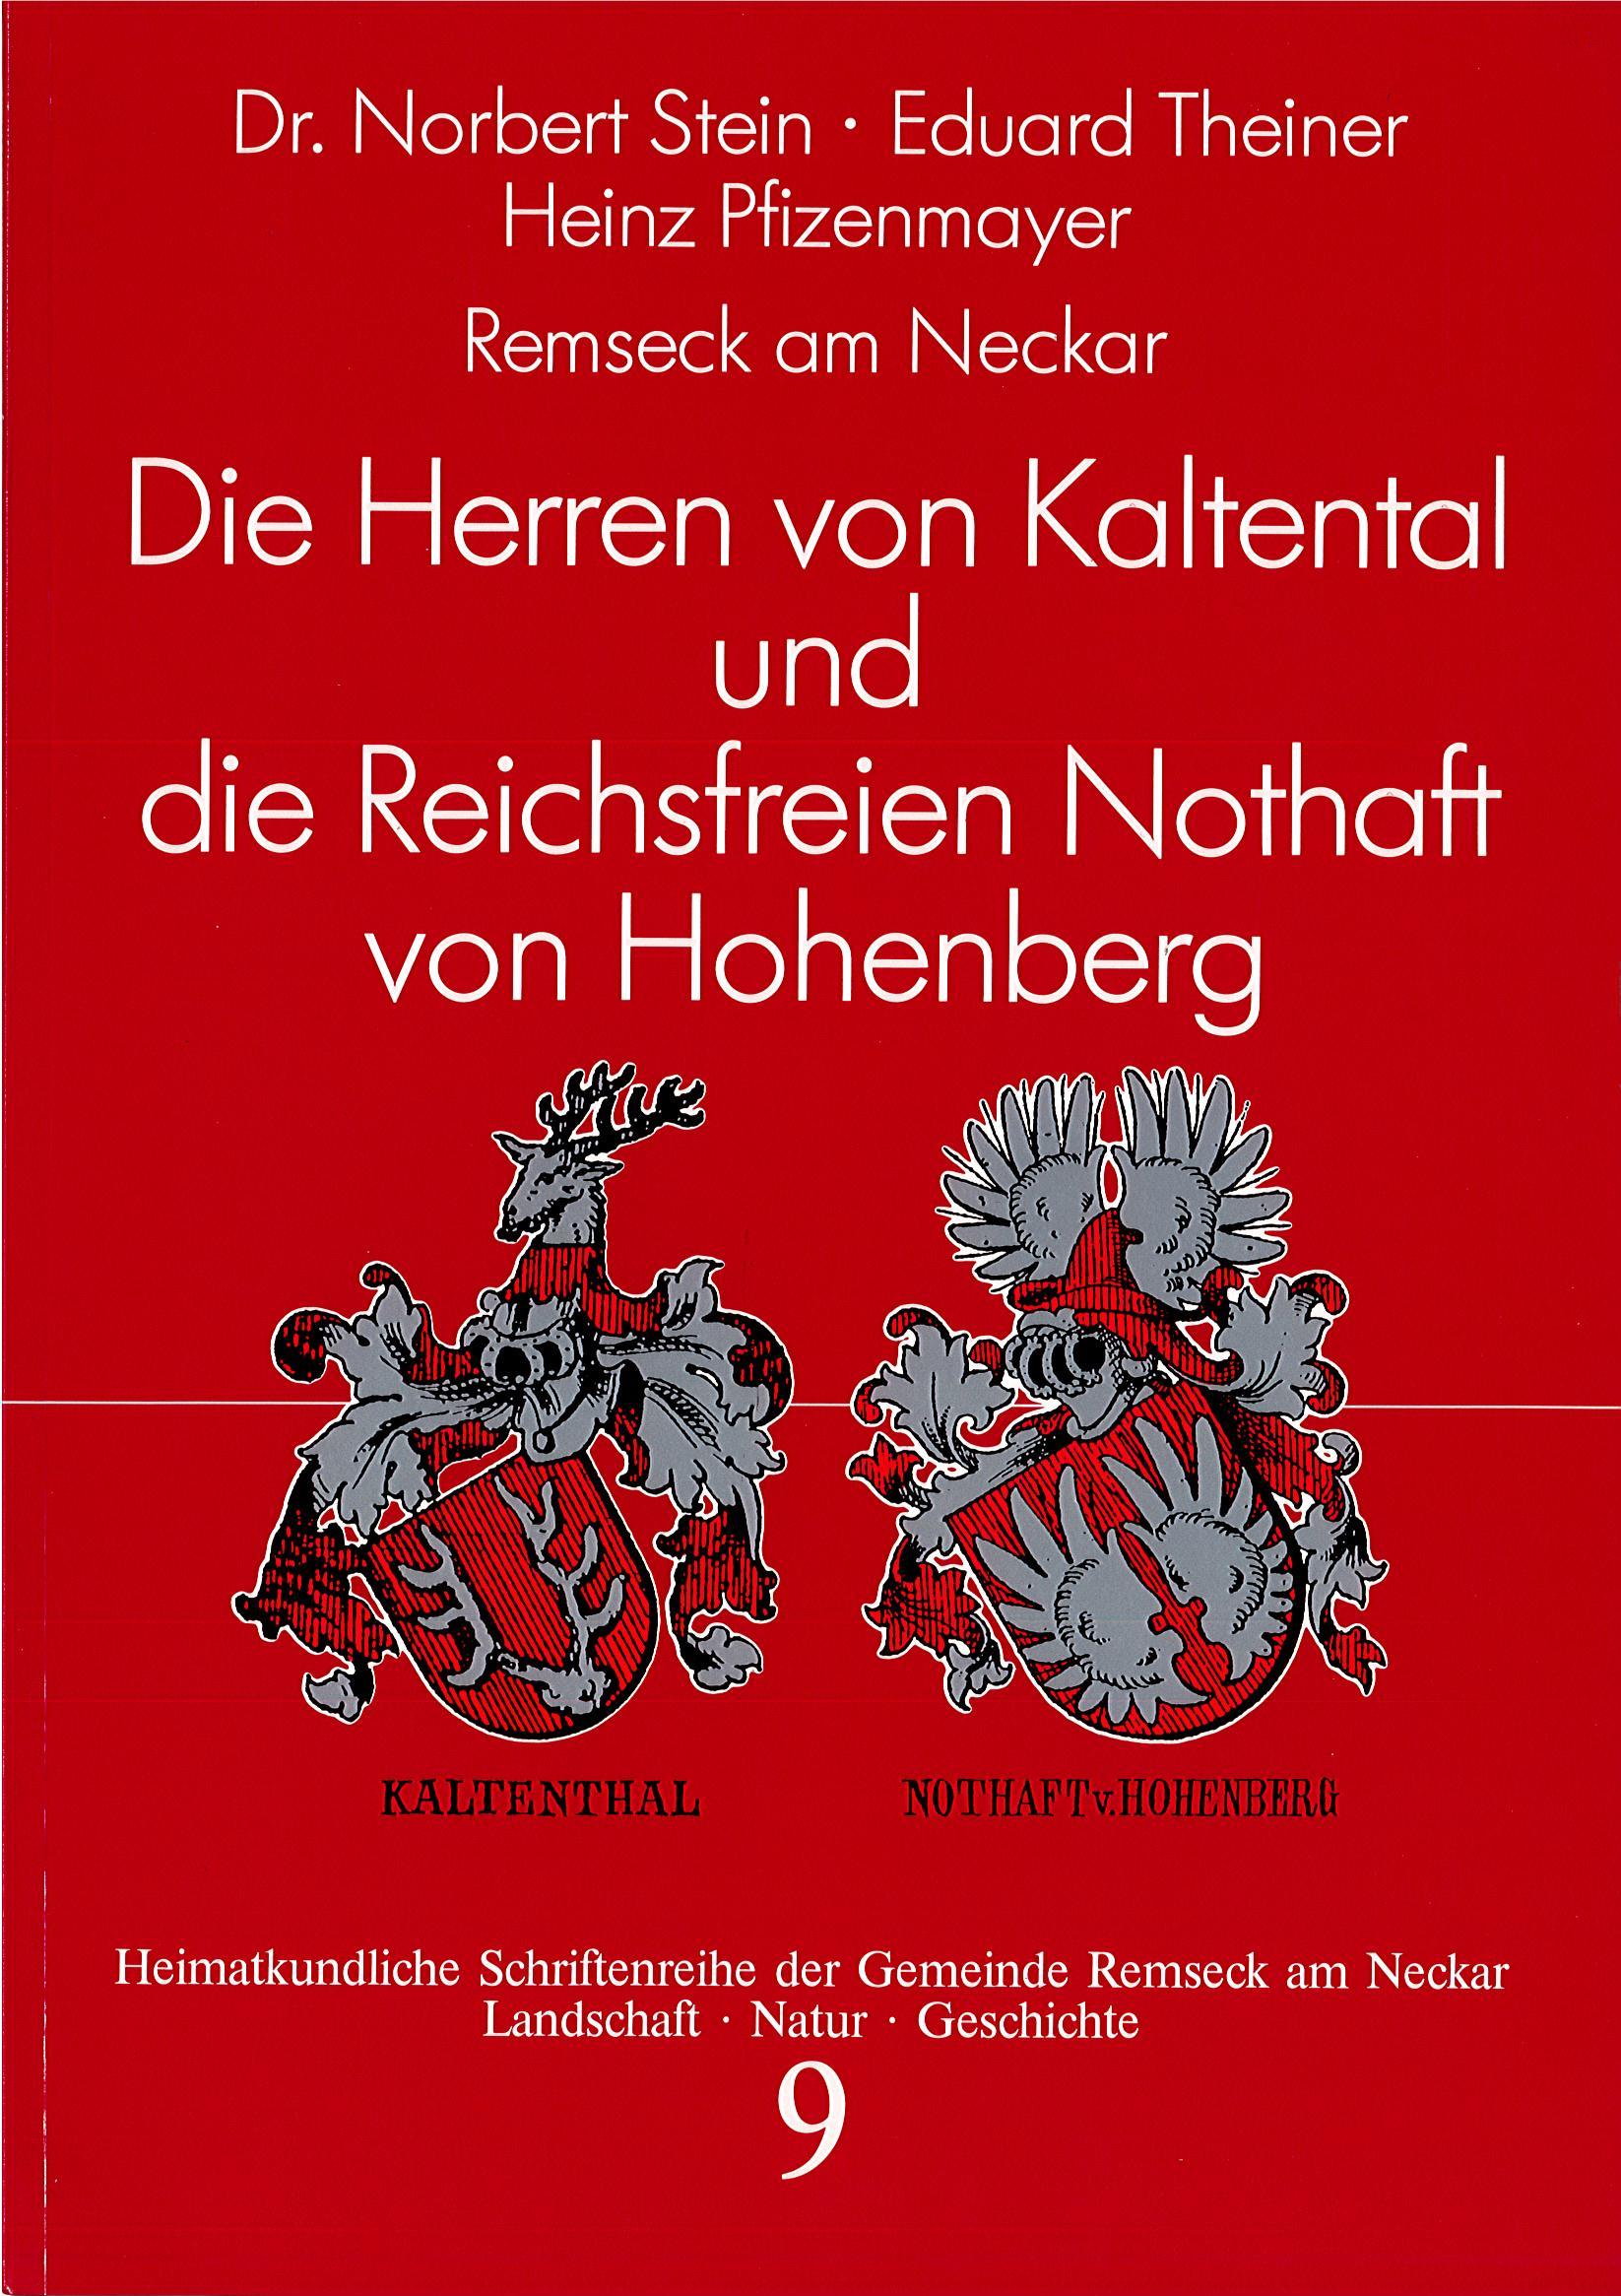 Dr. Norbert Stein/Eduard Theiner/Heinz Pfizenmayer: Die Herren von Kaltental und die Reichsfreien Nothaft von Hochberg (Heimatkundliche Schriftenreihe, Band 9)